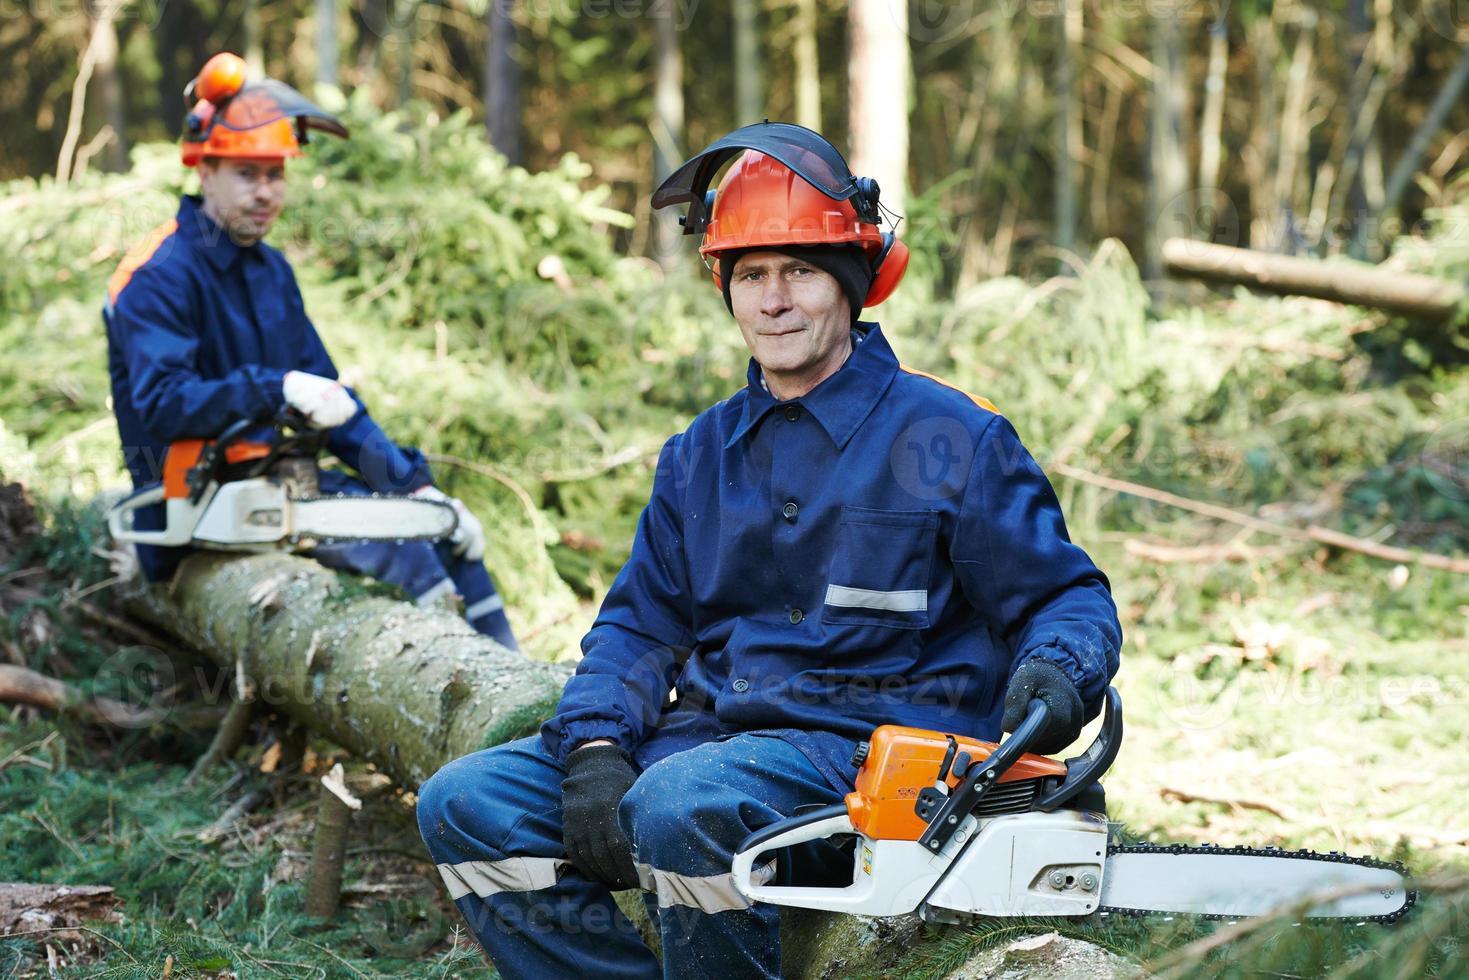 trabalhador lenhador com motosserra na floresta foto